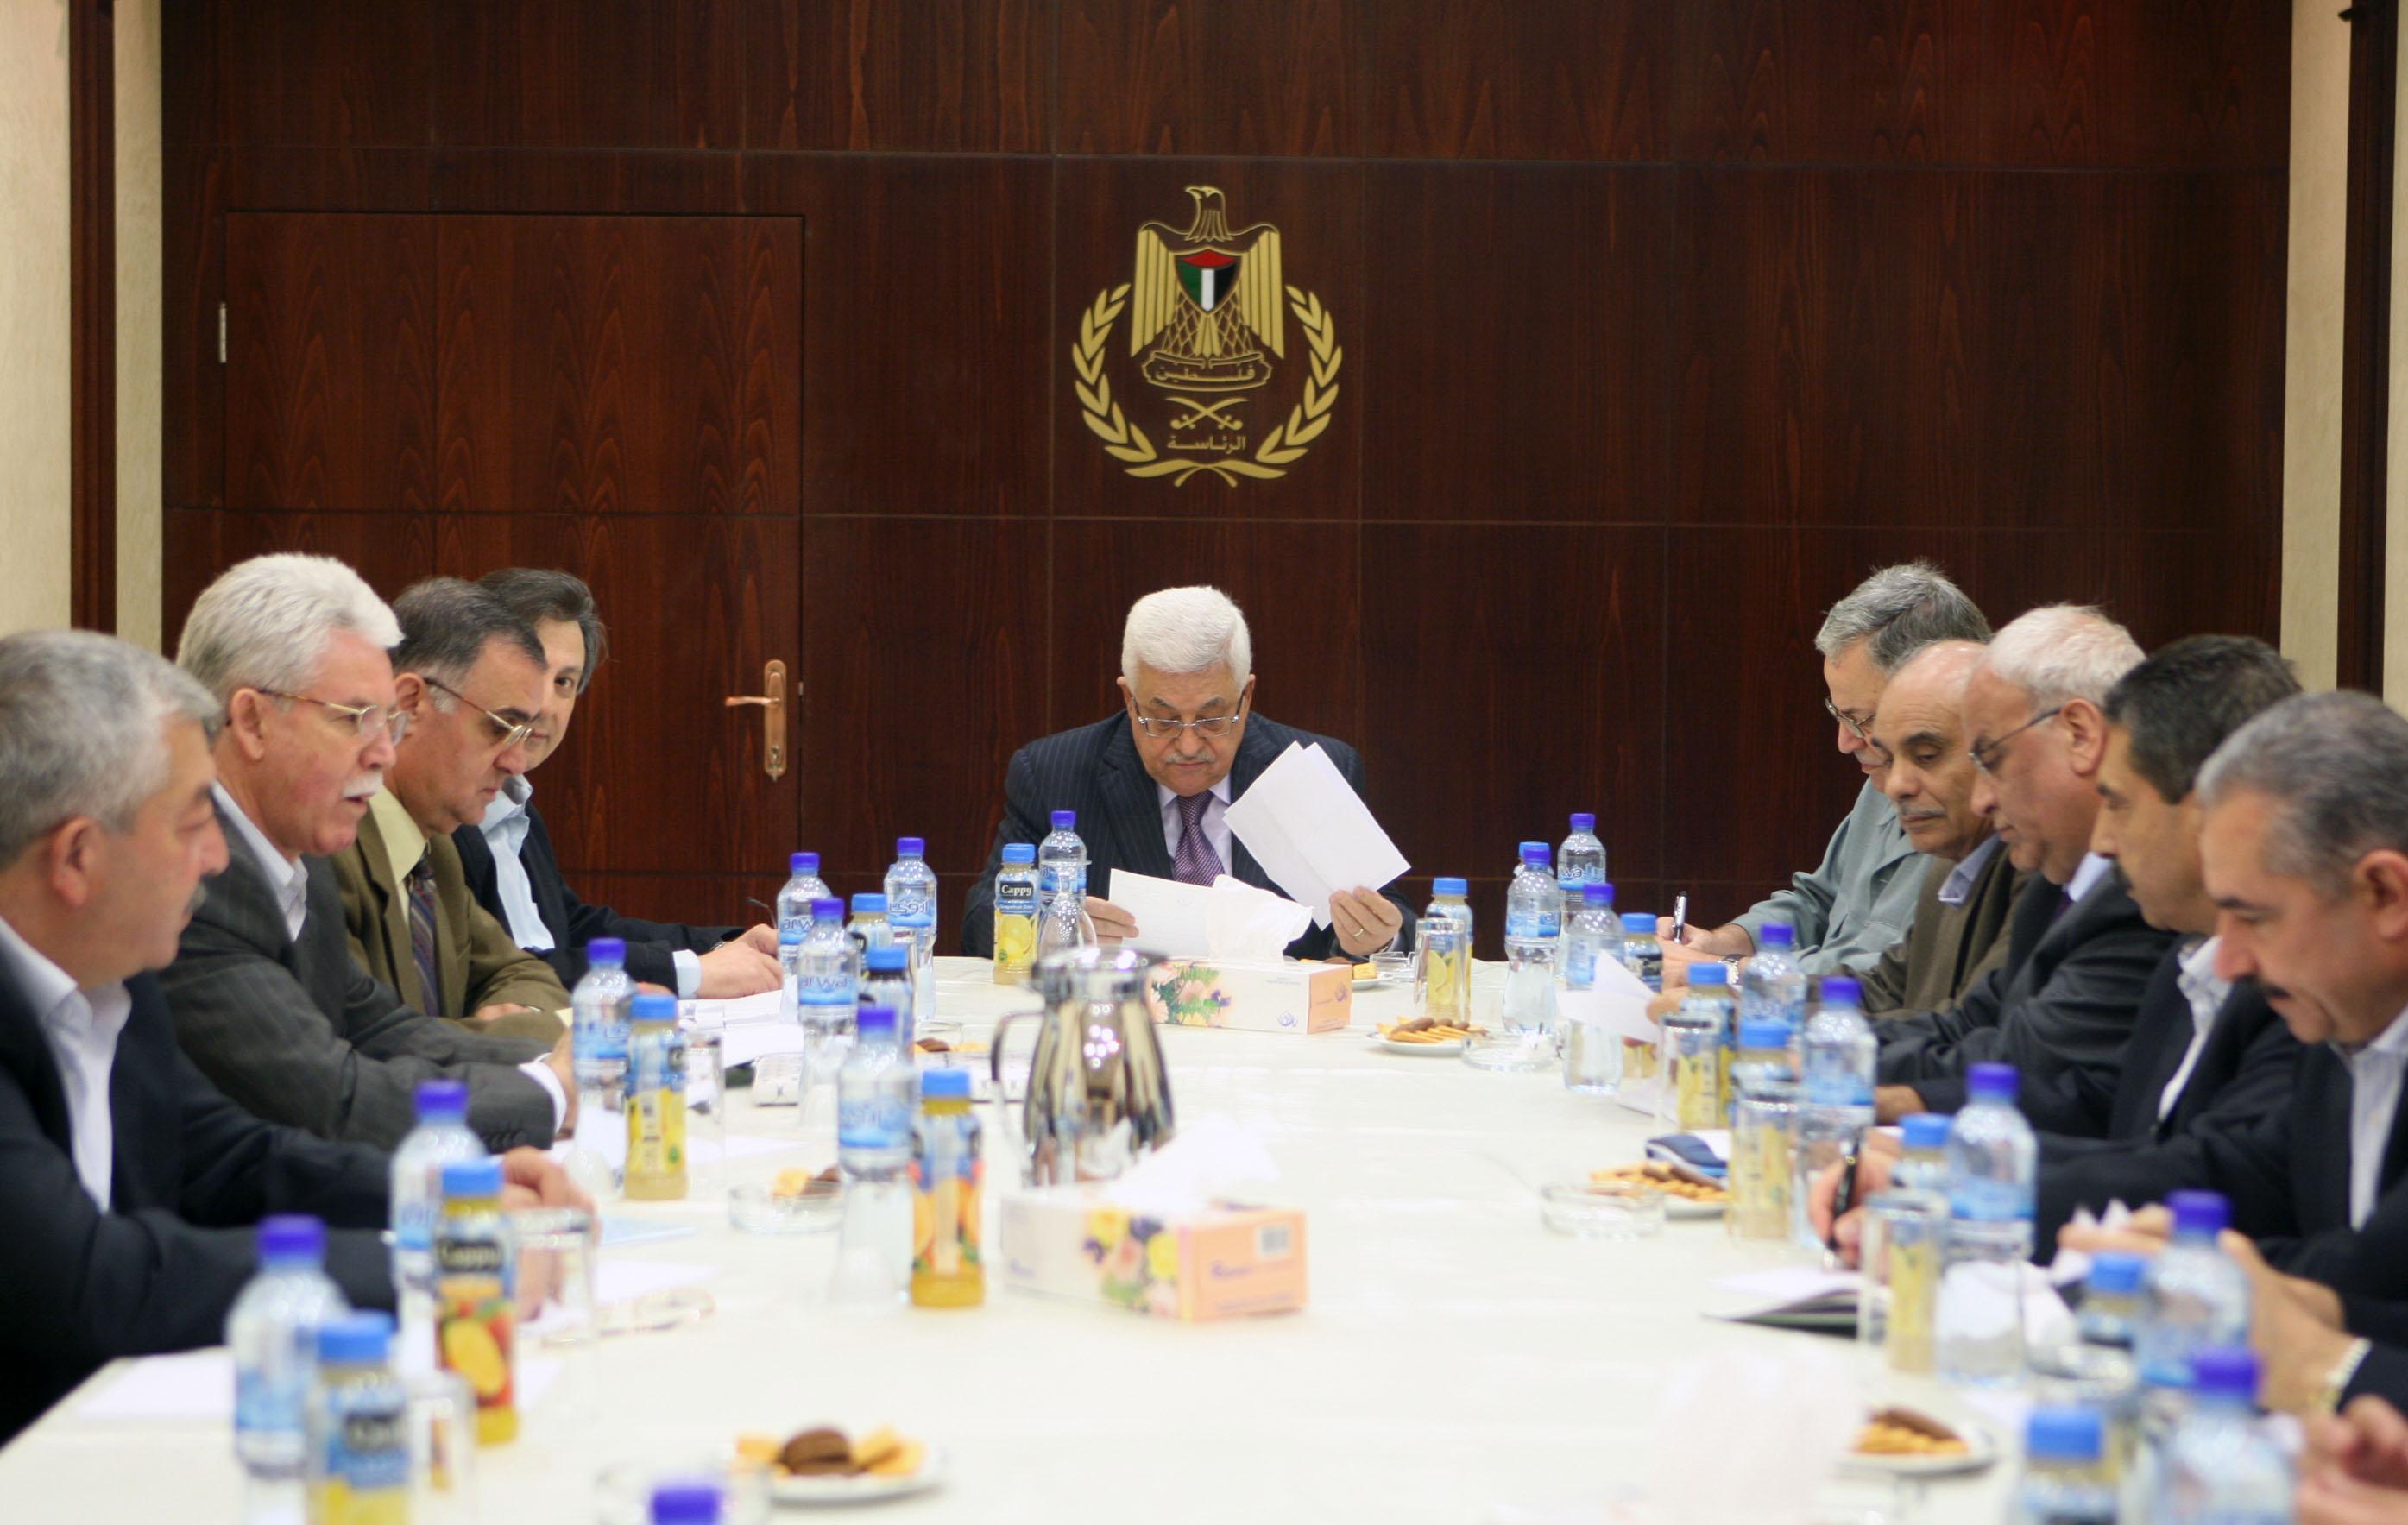 اللجنة التنفيذية تعقد اجتماعاً مهماً اليوم وكلمة متلفزة للرئيس عباس